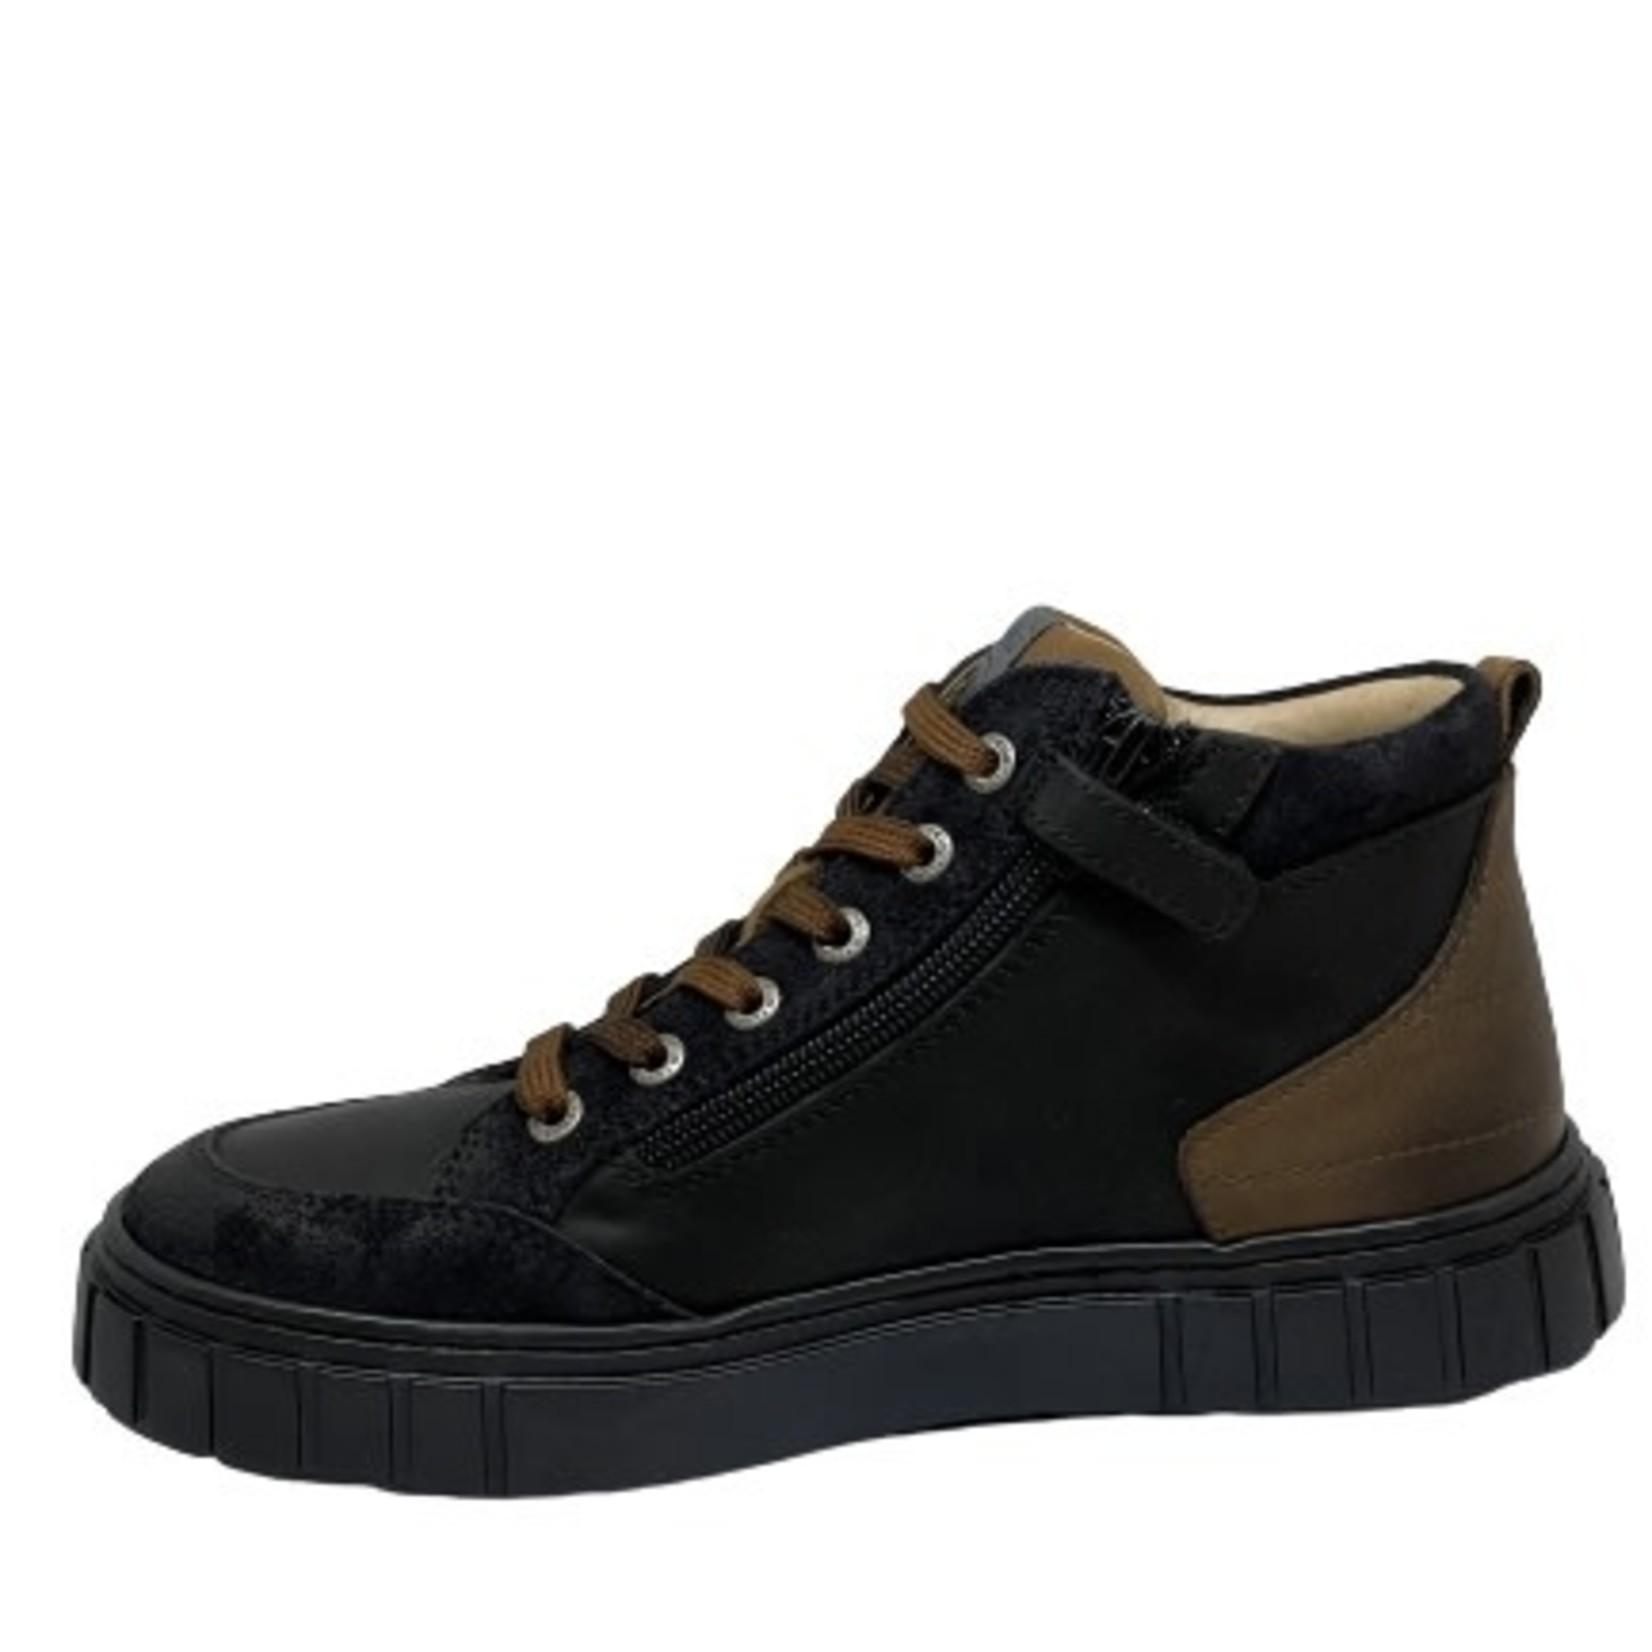 Lunella Lunella Hoge schoen Zwart/bruin